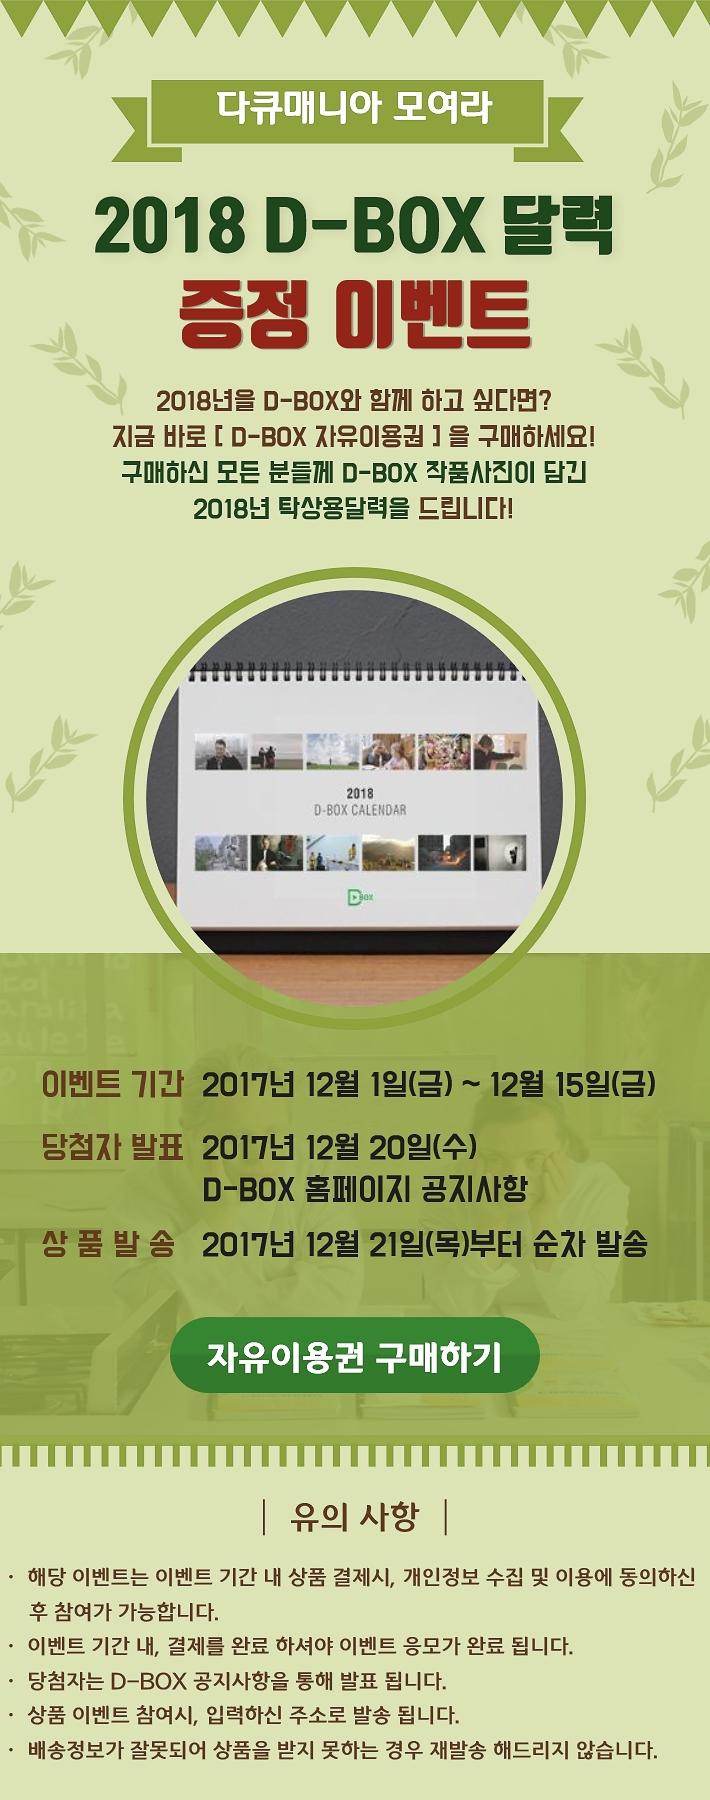 다큐매니아 모여라 2018 D-BOX달력 증정 이벤트